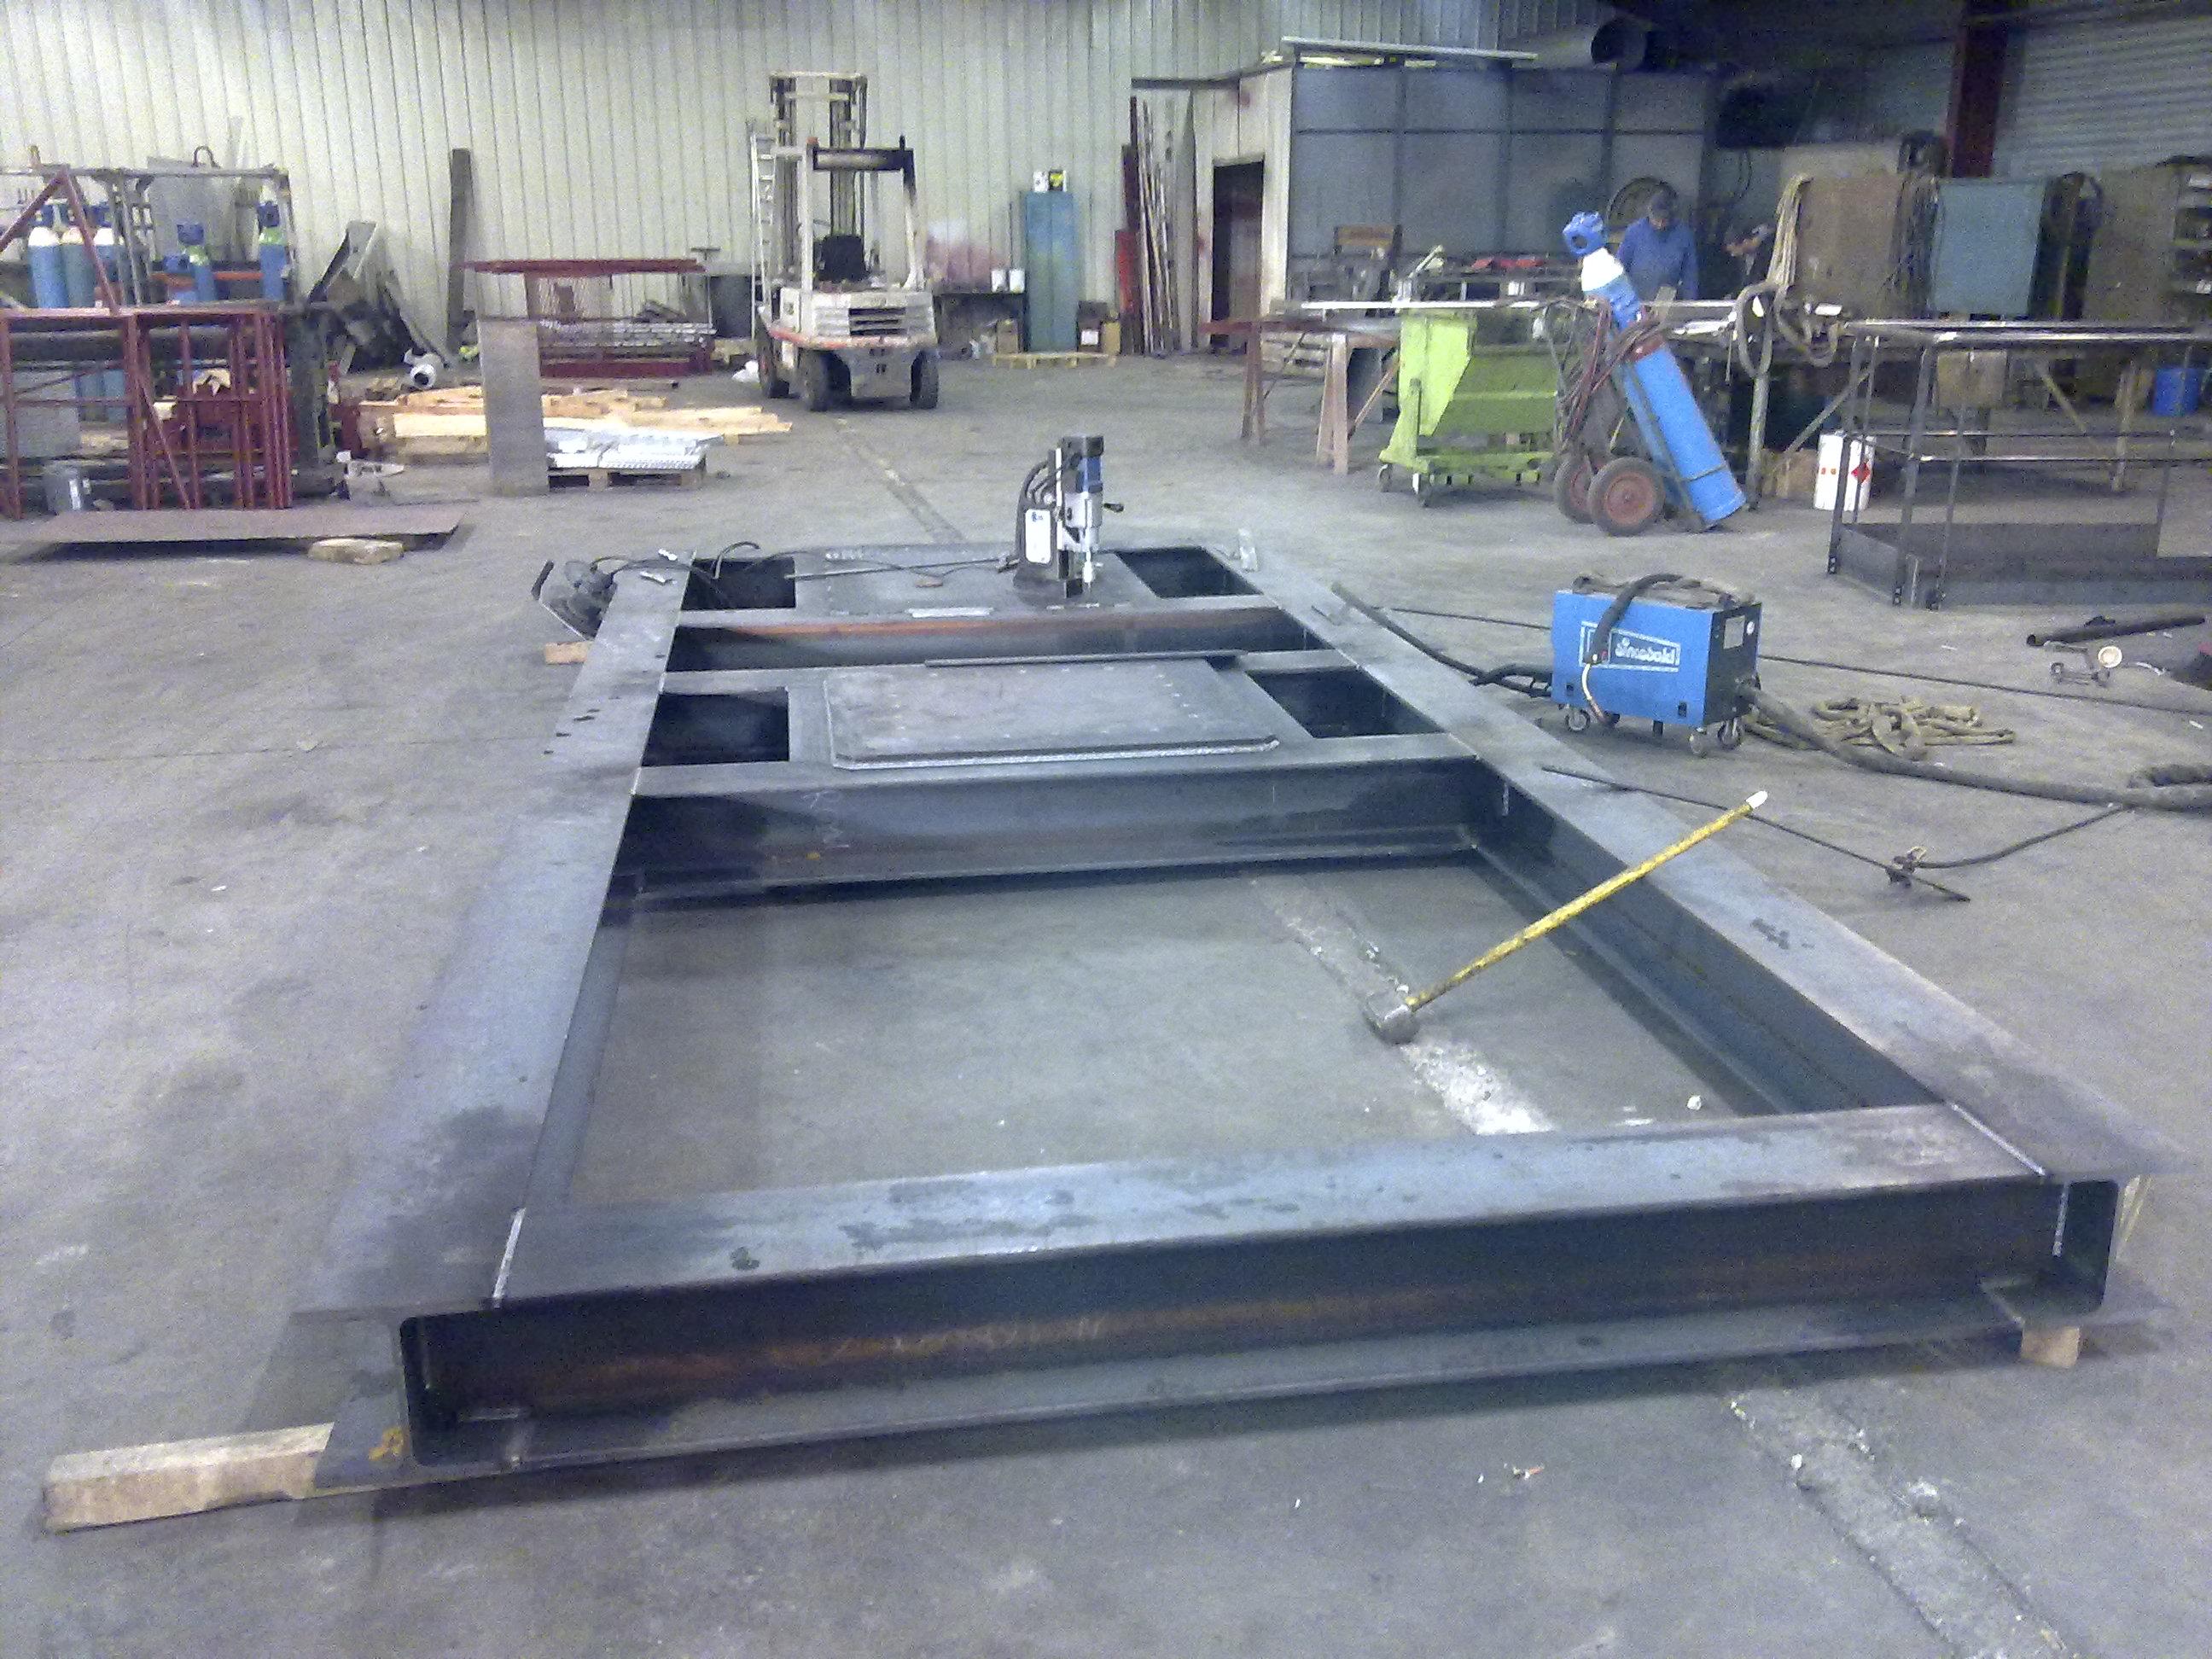 Fabrication tms techniques maintenances soudure - Machine de fabrication de treillis a souder ...